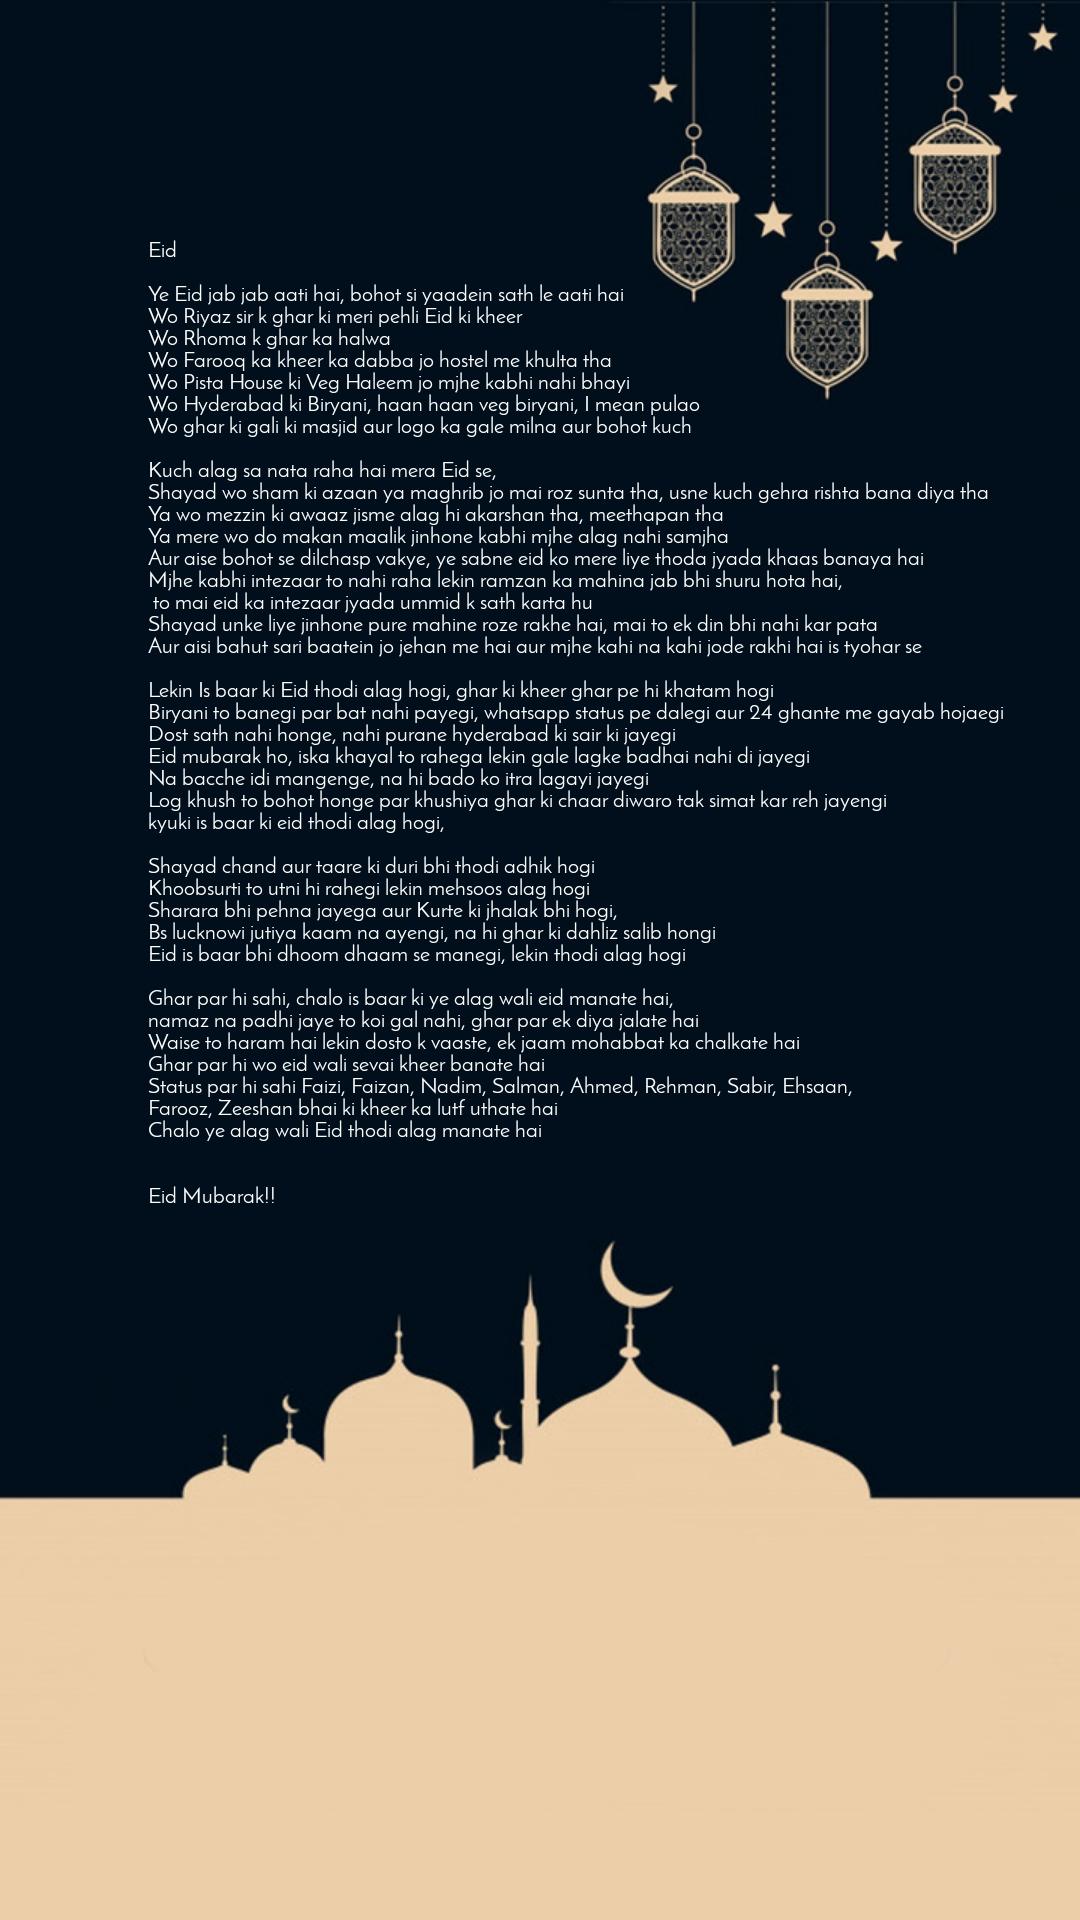 Eid  Ye Eid jab jab aati hai, bohot si yaadein sath le aati hai Wo Riyaz sir k ghar ki meri pehli Eid ki kheer Wo Rhoma k ghar ka halwa Wo Farooq ka kheer ka dabba jo hostel me khulta tha Wo Pista House ki Veg Haleem jo mjhe kabhi nahi bhayi Wo Hyderabad ki Biryani, haan haan veg biryani, I mean pulao Wo ghar ki gali ki masjid aur logo ka gale milna aur bohot kuch  Kuch alag sa nata raha hai mera Eid se, Shayad wo sham ki azaan ya maghrib jo mai roz sunta tha, usne kuch gehra rishta bana diya tha Ya wo mezzin ki awaaz jisme alag hi akarshan tha, meethapan tha Ya mere wo do makan maalik jinhone kabhi mjhe alag nahi samjha Aur aise bohot se dilchasp vakye, ye sabne eid ko mere liye thoda jyada khaas banaya hai Mjhe kabhi intezaar to nahi raha lekin ramzan ka mahina jab bhi shuru hota hai,  to mai eid ka intezaar jyada ummid k sath karta hu  Shayad unke liye jinhone pure mahine roze rakhe hai, mai to ek din bhi nahi kar pata Aur aisi bahut sari baatein jo jehan me hai aur mjhe kahi na kahi jode rakhi hai is tyohar se  Lekin Is baar ki Eid thodi alag hogi, ghar ki kheer ghar pe hi khatam hogi Biryani to banegi par bat nahi payegi, whatsapp status pe dalegi aur 24 ghante me gayab hojaegi Dost sath nahi honge, nahi purane hyderabad ki sair ki jayegi Eid mubarak ho, iska khayal to rahega lekin gale lagke badhai nahi di jayegi Na bacche idi mangenge, na hi bado ko itra lagayi jayegi Log khush to bohot honge par khushiya ghar ki chaar diwaro tak simat kar reh jayengi kyuki is baar ki eid thodi alag hogi,  Shayad chand aur taare ki duri bhi thodi adhik hogi Khoobsurti to utni hi rahegi lekin mehsoos alag hogi Sharara bhi pehna jayega aur Kurte ki jhalak bhi hogi, Bs lucknowi jutiya kaam na ayengi, na hi ghar ki dahliz salib hongi Eid is baar bhi dhoom dhaam se manegi, lekin thodi alag hogi  Ghar par hi sahi, chalo is baar ki ye alag wali eid manate hai,  namaz na padhi jaye to koi gal nahi, ghar par ek diya jalate hai Waise to haram hai lekin dosto k vaaste, ek jaam mohabbat 